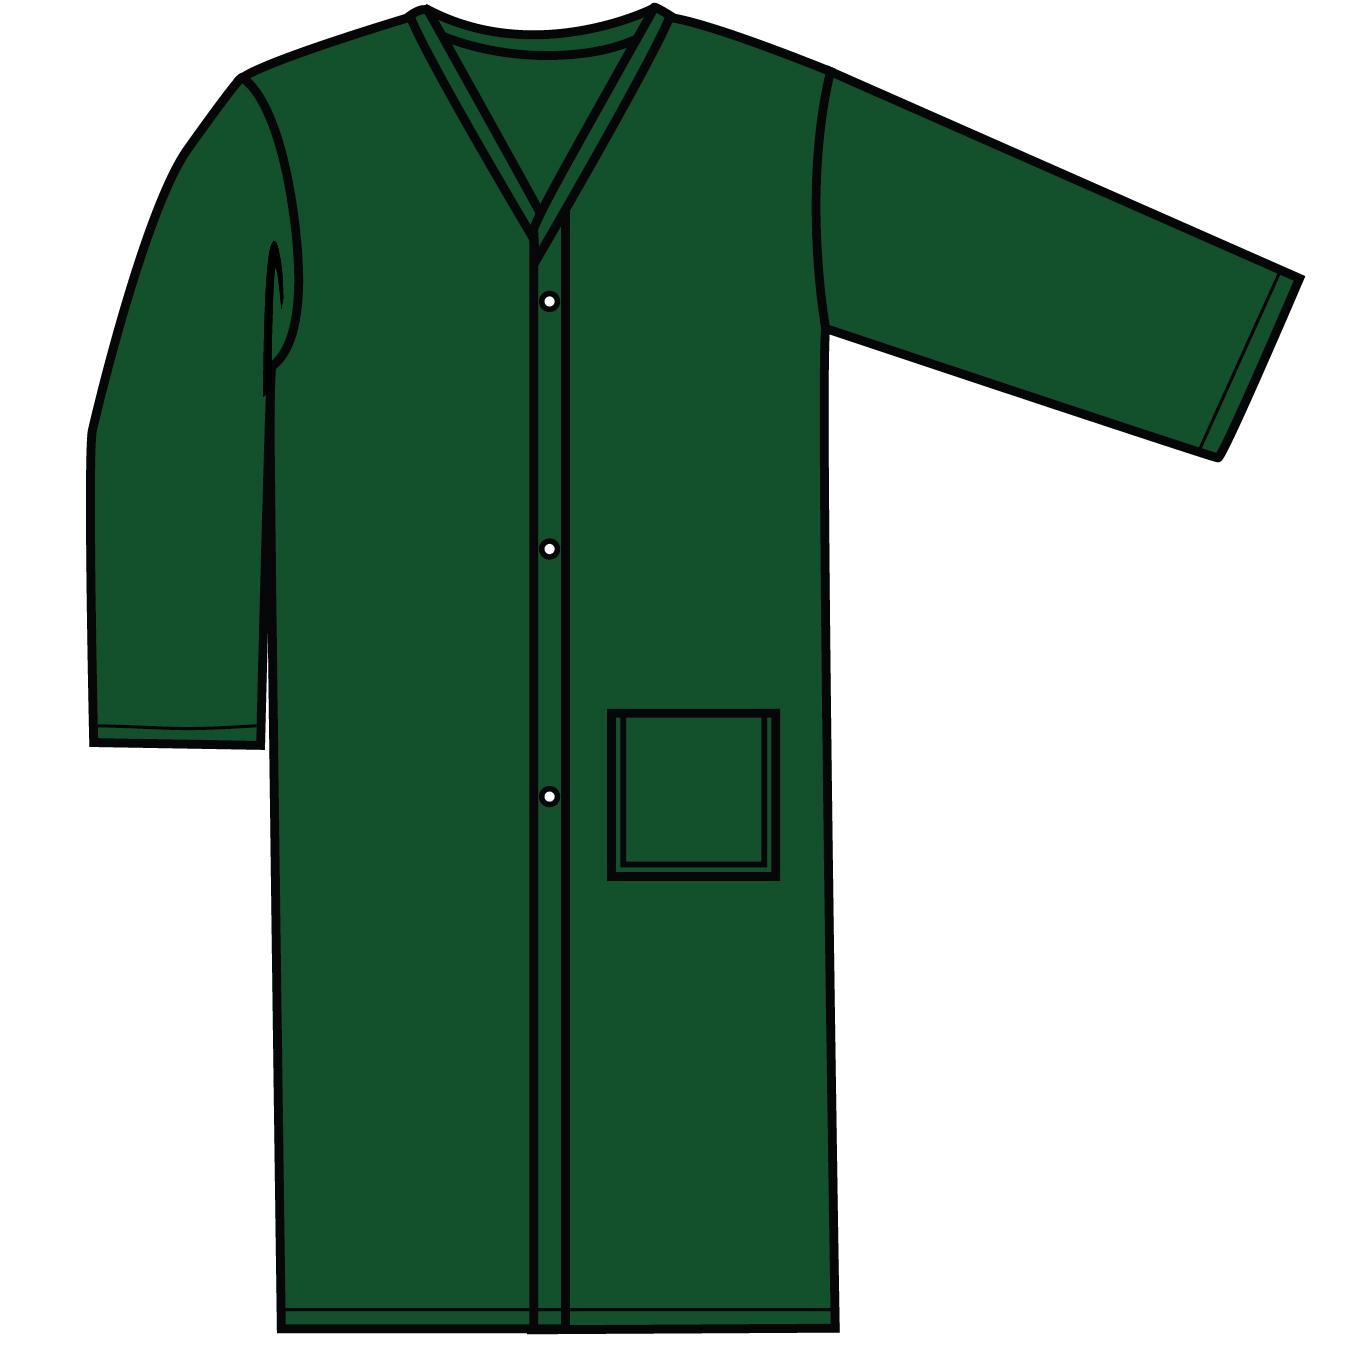 #906SN Robe w/snaps